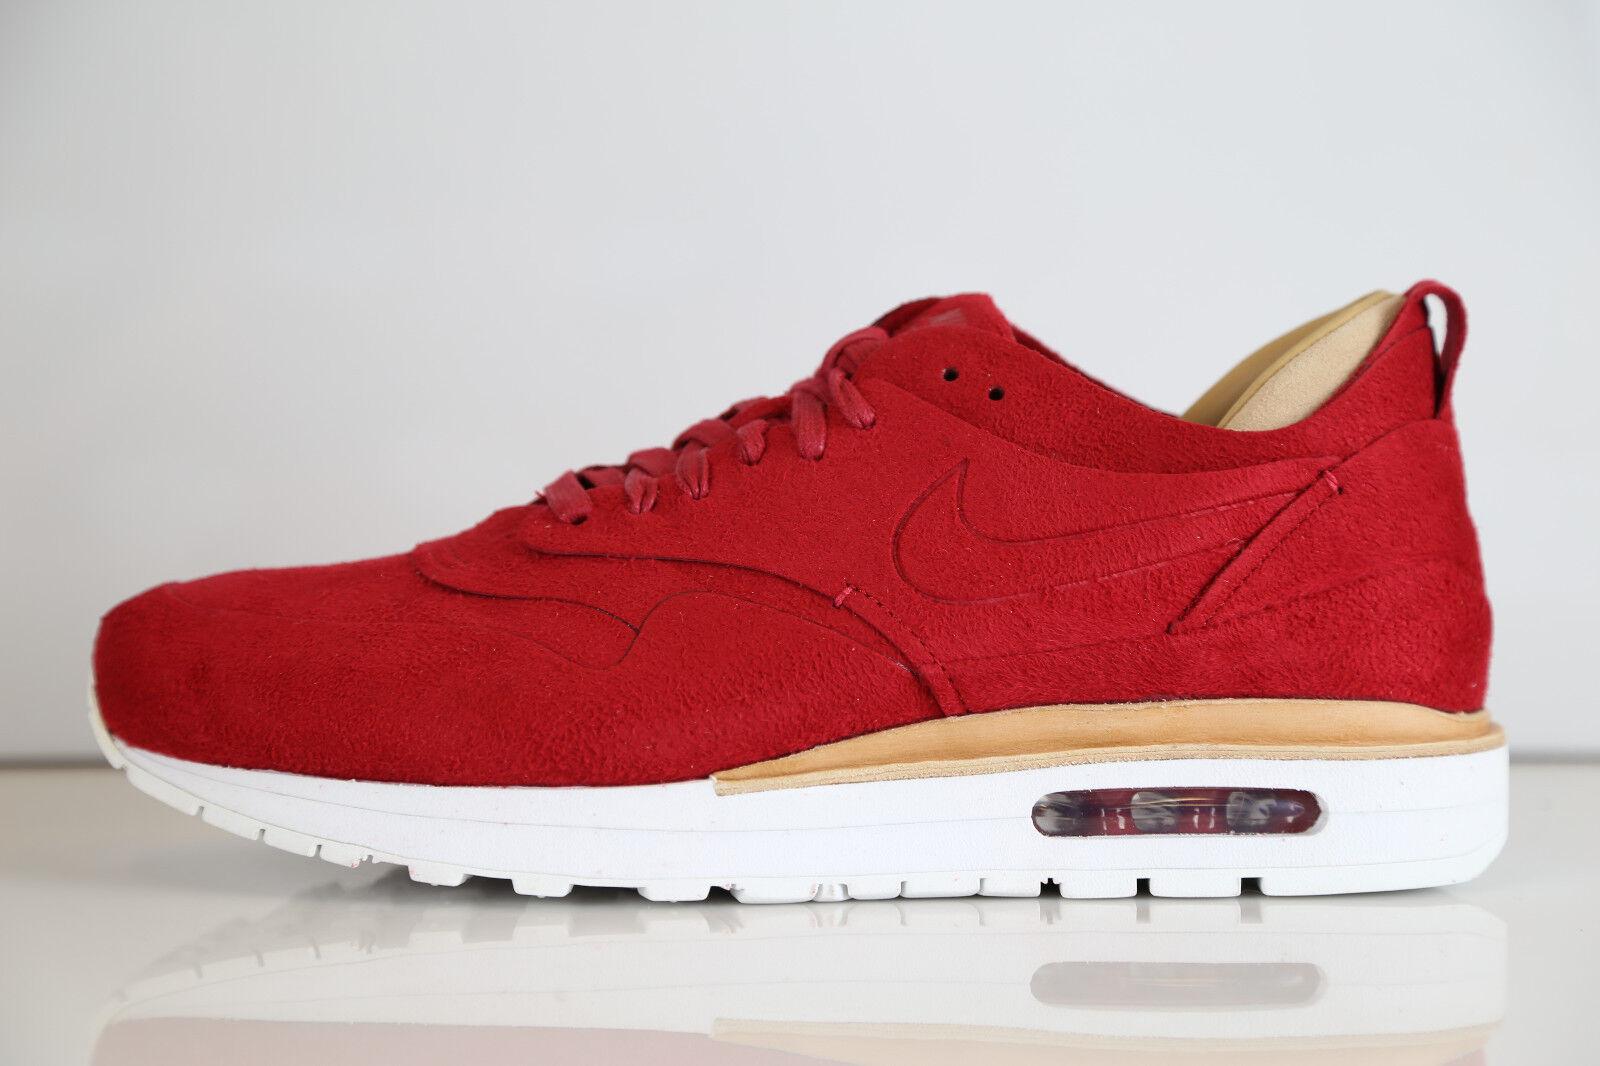 Nike Air Max 1 Royal Gym Red 847671-661 7-13 supreme vachetta tan 90 suede tz qs